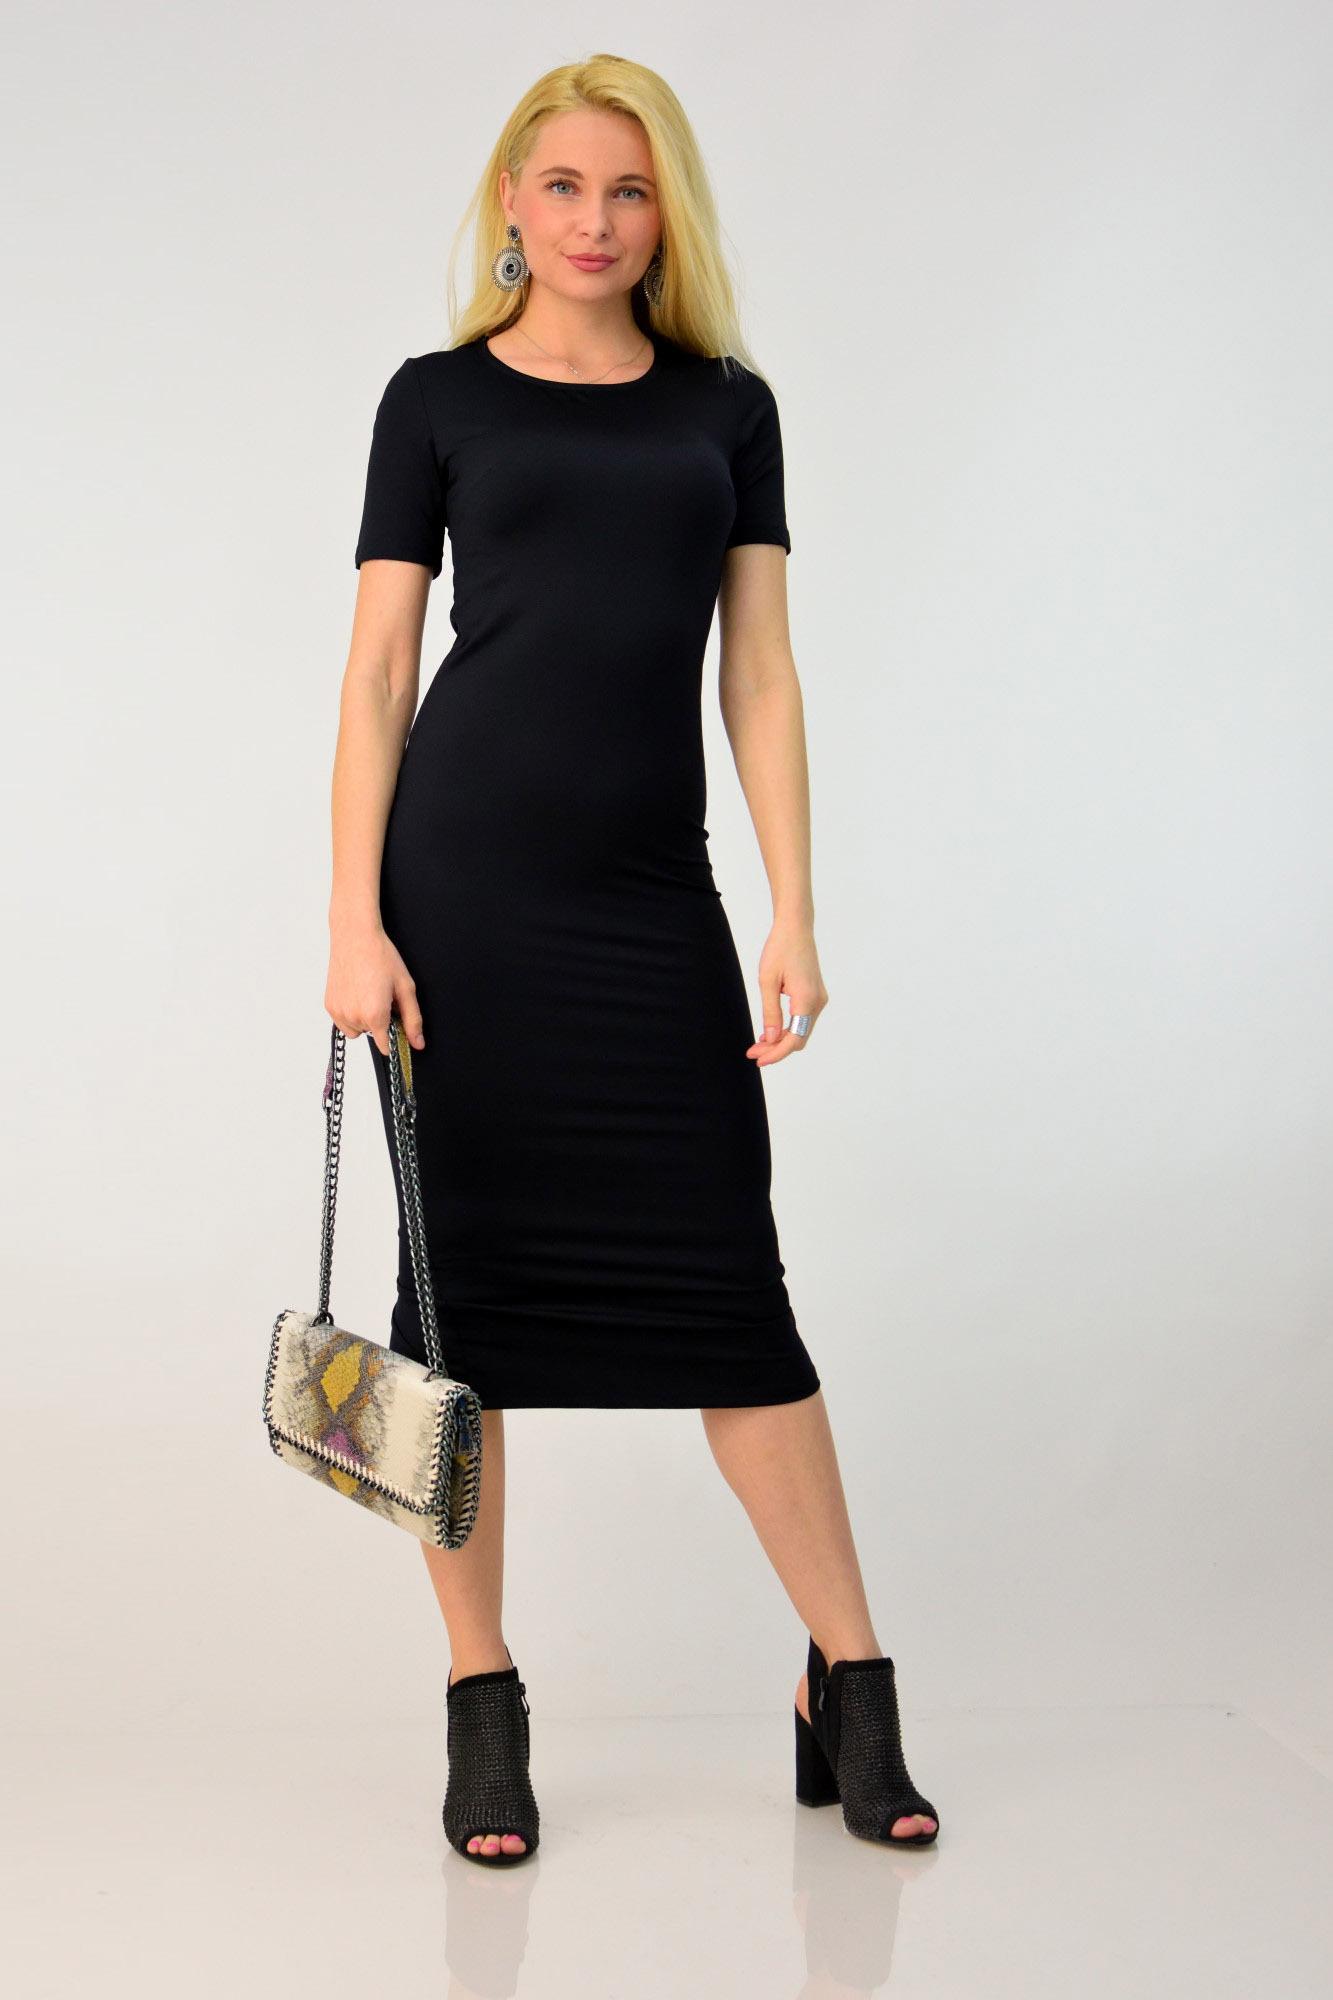 372f357c977c Γυναικείο φόρεμα εφαρμοστό midi. Tap to expand